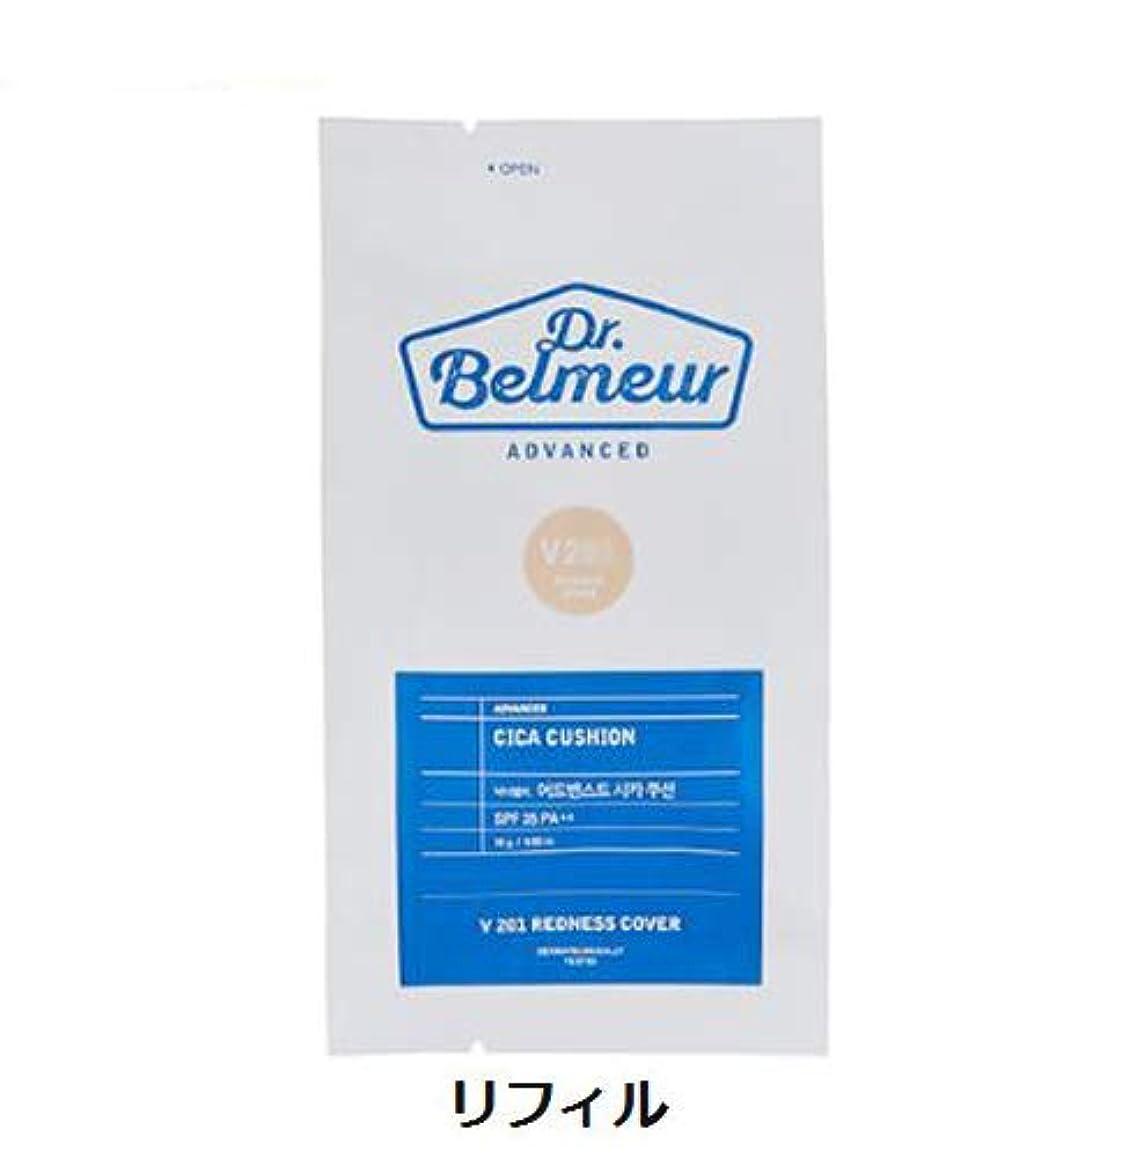 とティームランチョン甘味[ザ?フェイスショップ] THE FACE SHOP [ドクターベルモ CICA レッドネスカバークッション 15g] (Dr.Belmeur Advanced CICA Cushion - Redness Cover...